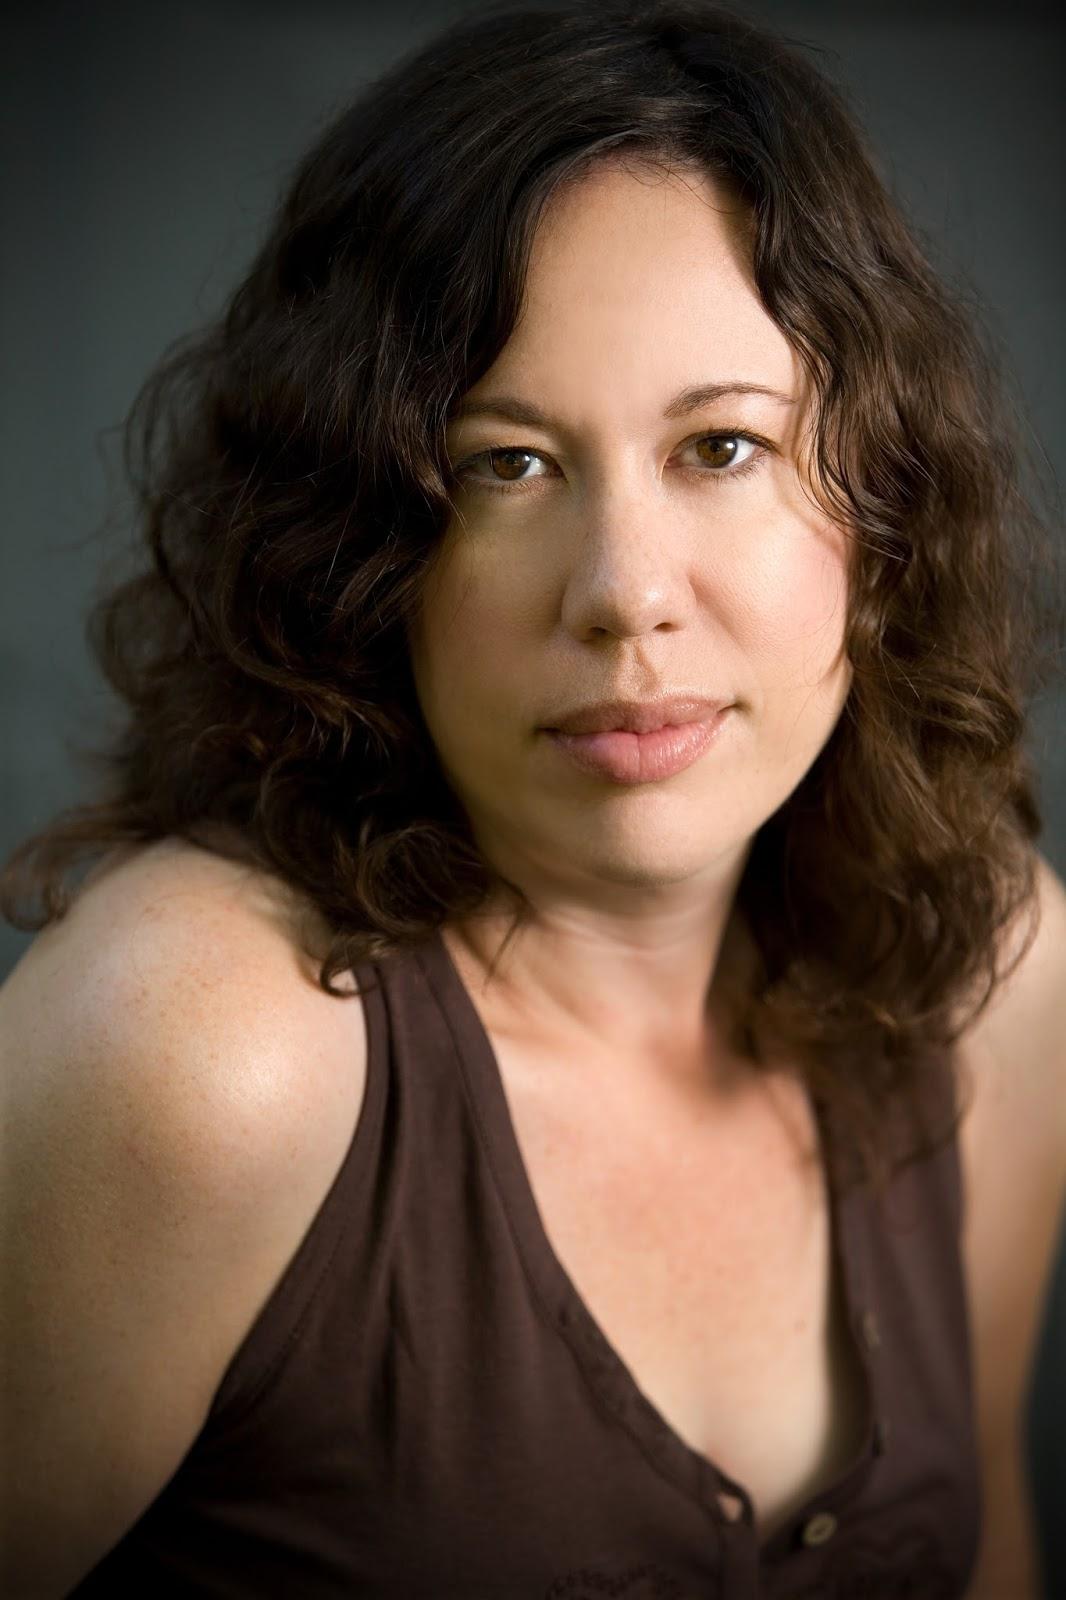 Adam Szymkowicz I Interview Playwrights Part 767 Sara Israel